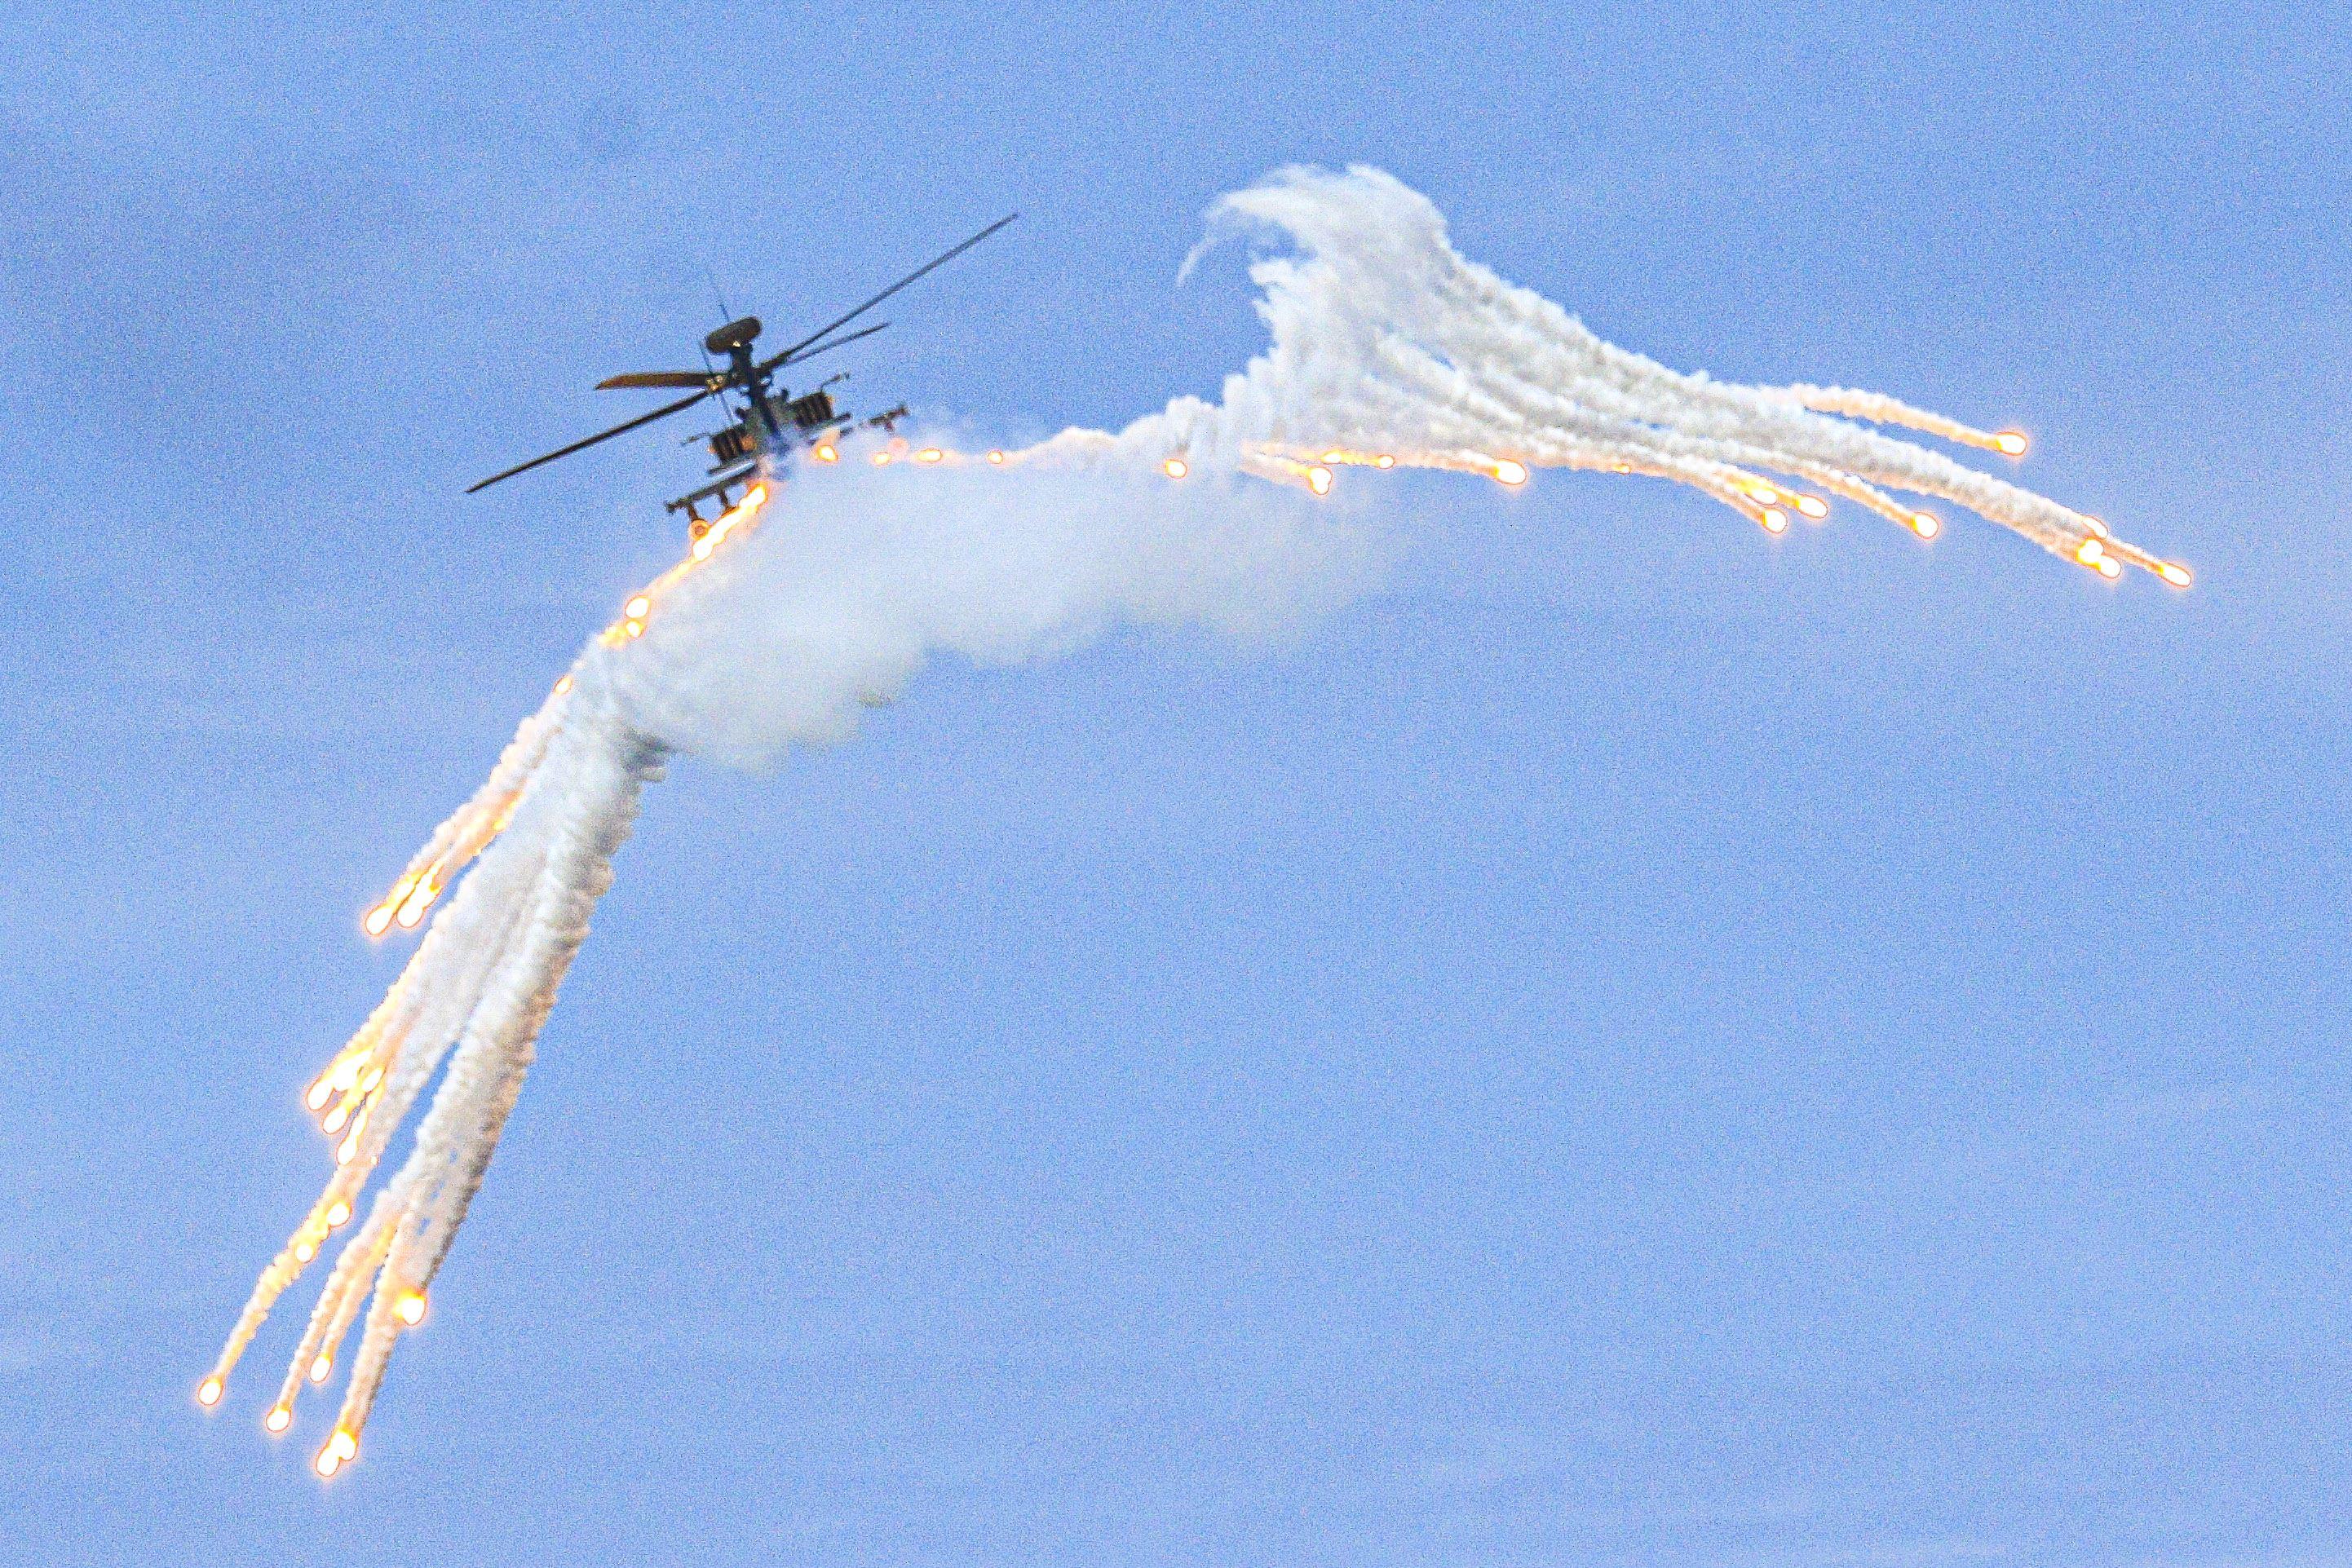 漢光卅五號演習於屏東滿豐射擊場實施,圖為AH-64E阿帕契直升機。〔記者林士傑/屏東拍攝〕